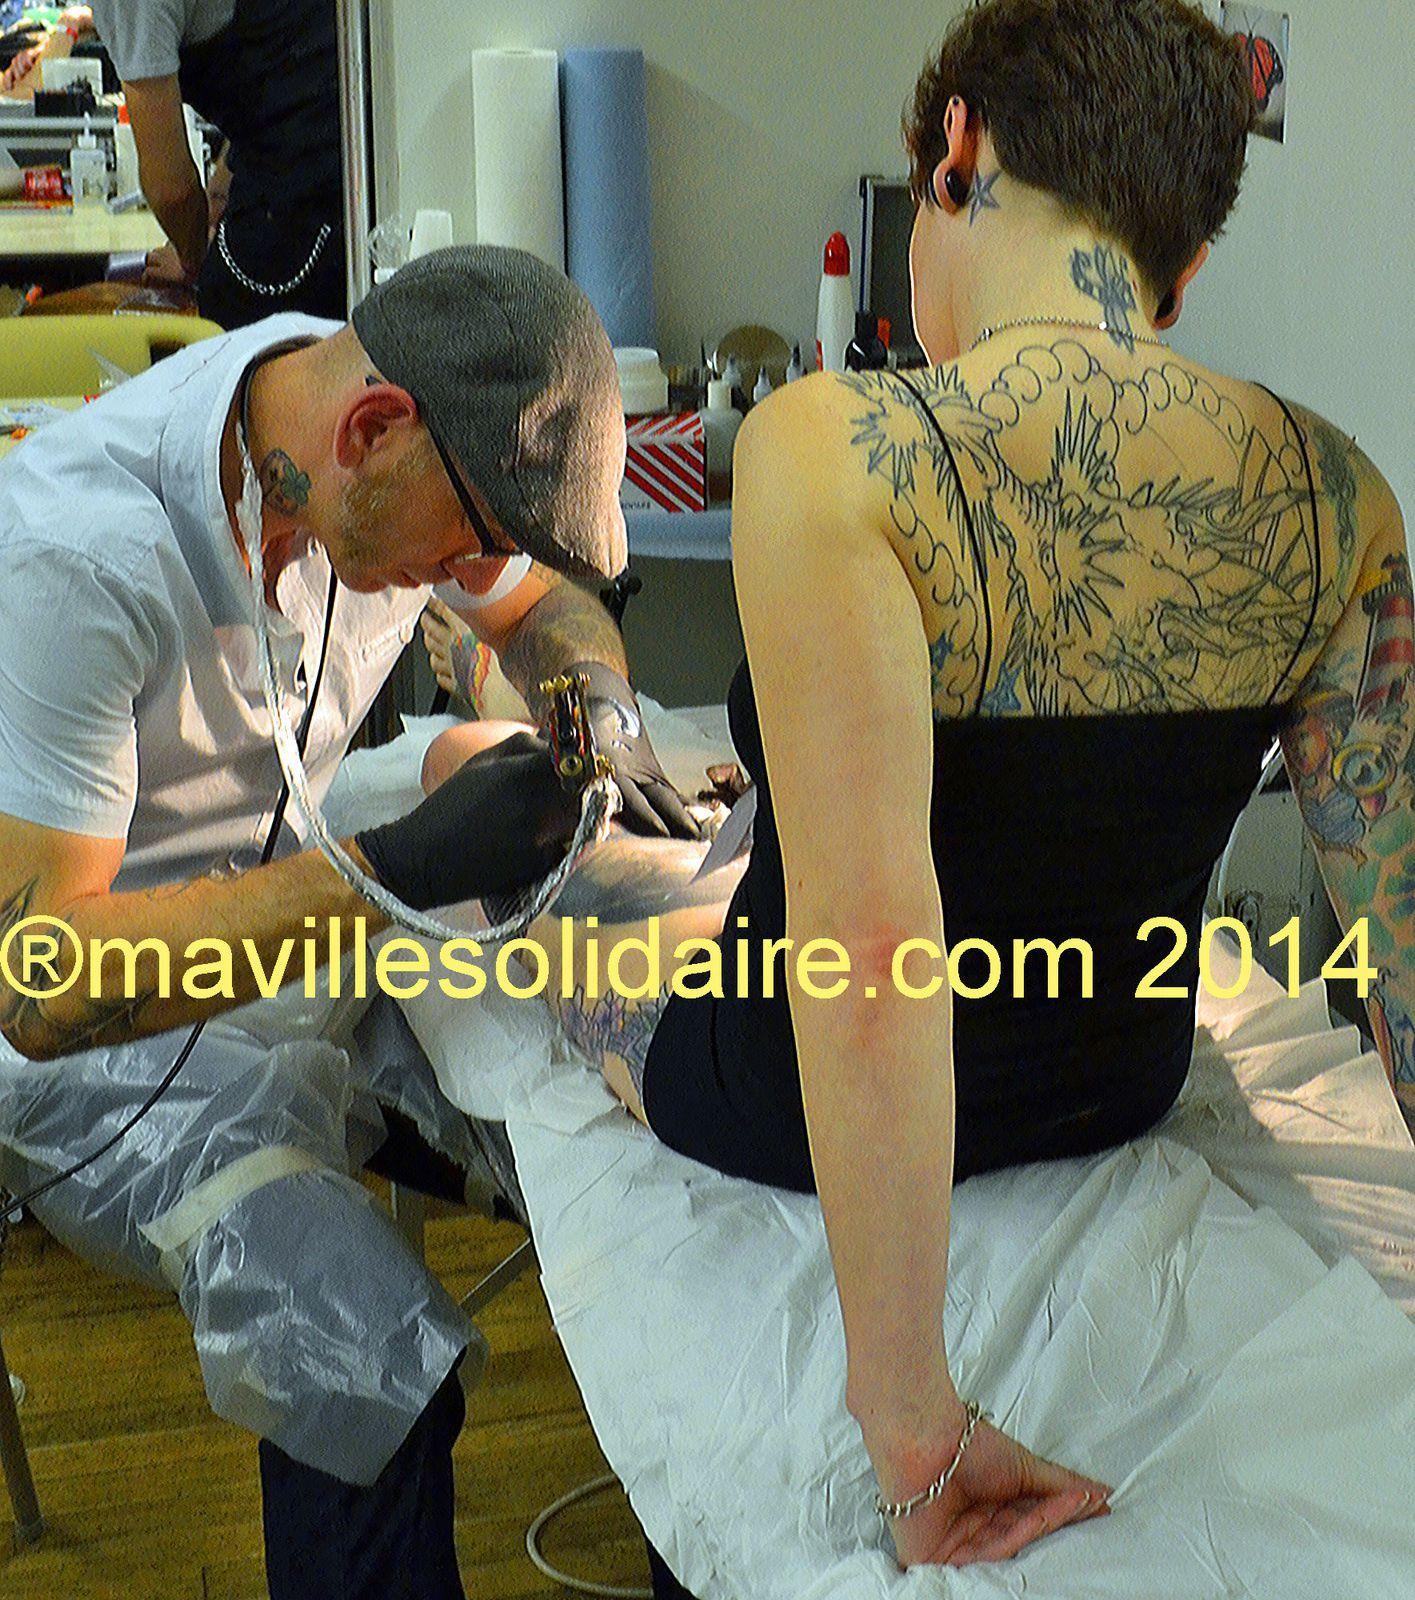 La Roche-sur-Yon. [Images] de la 6e convention tattoo.